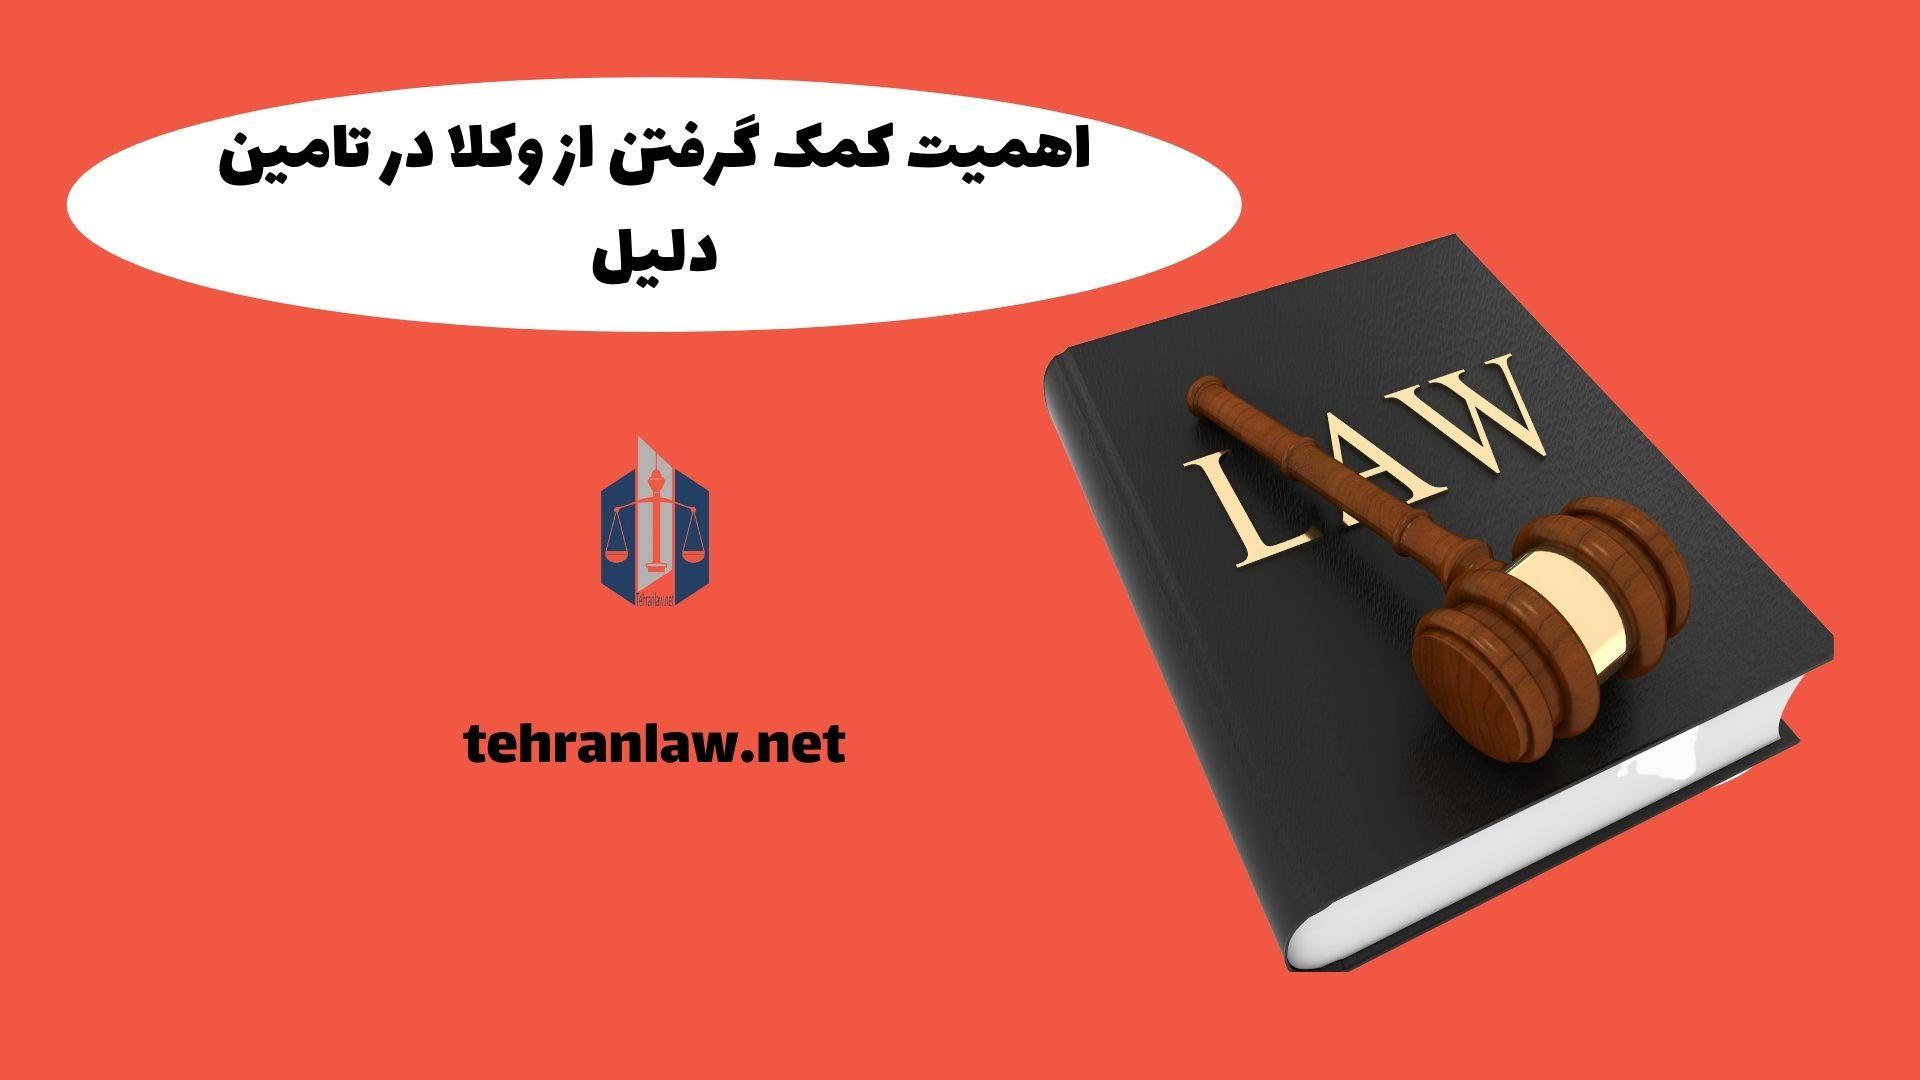 اهمیت کمک گرفتن از وکلا در تامین دلیل